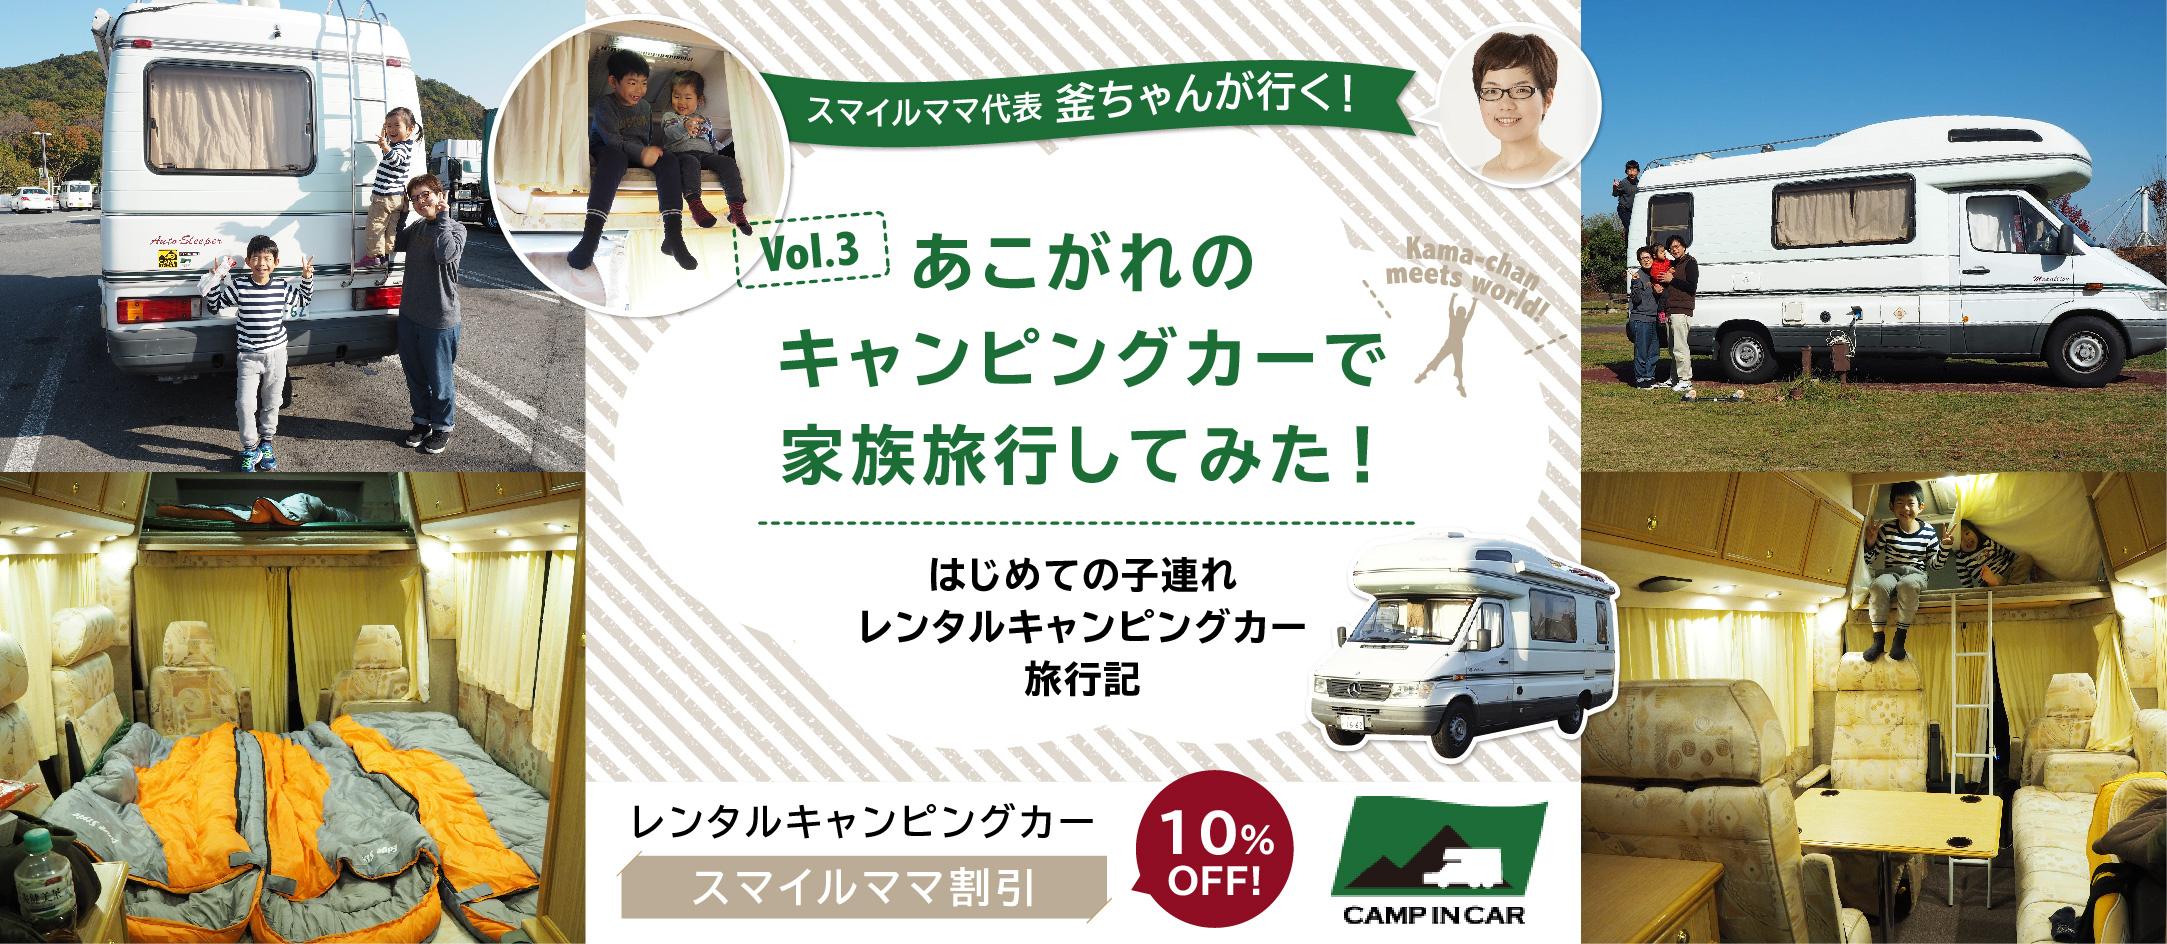 釜ちゃんが行く(キャンピングカー)